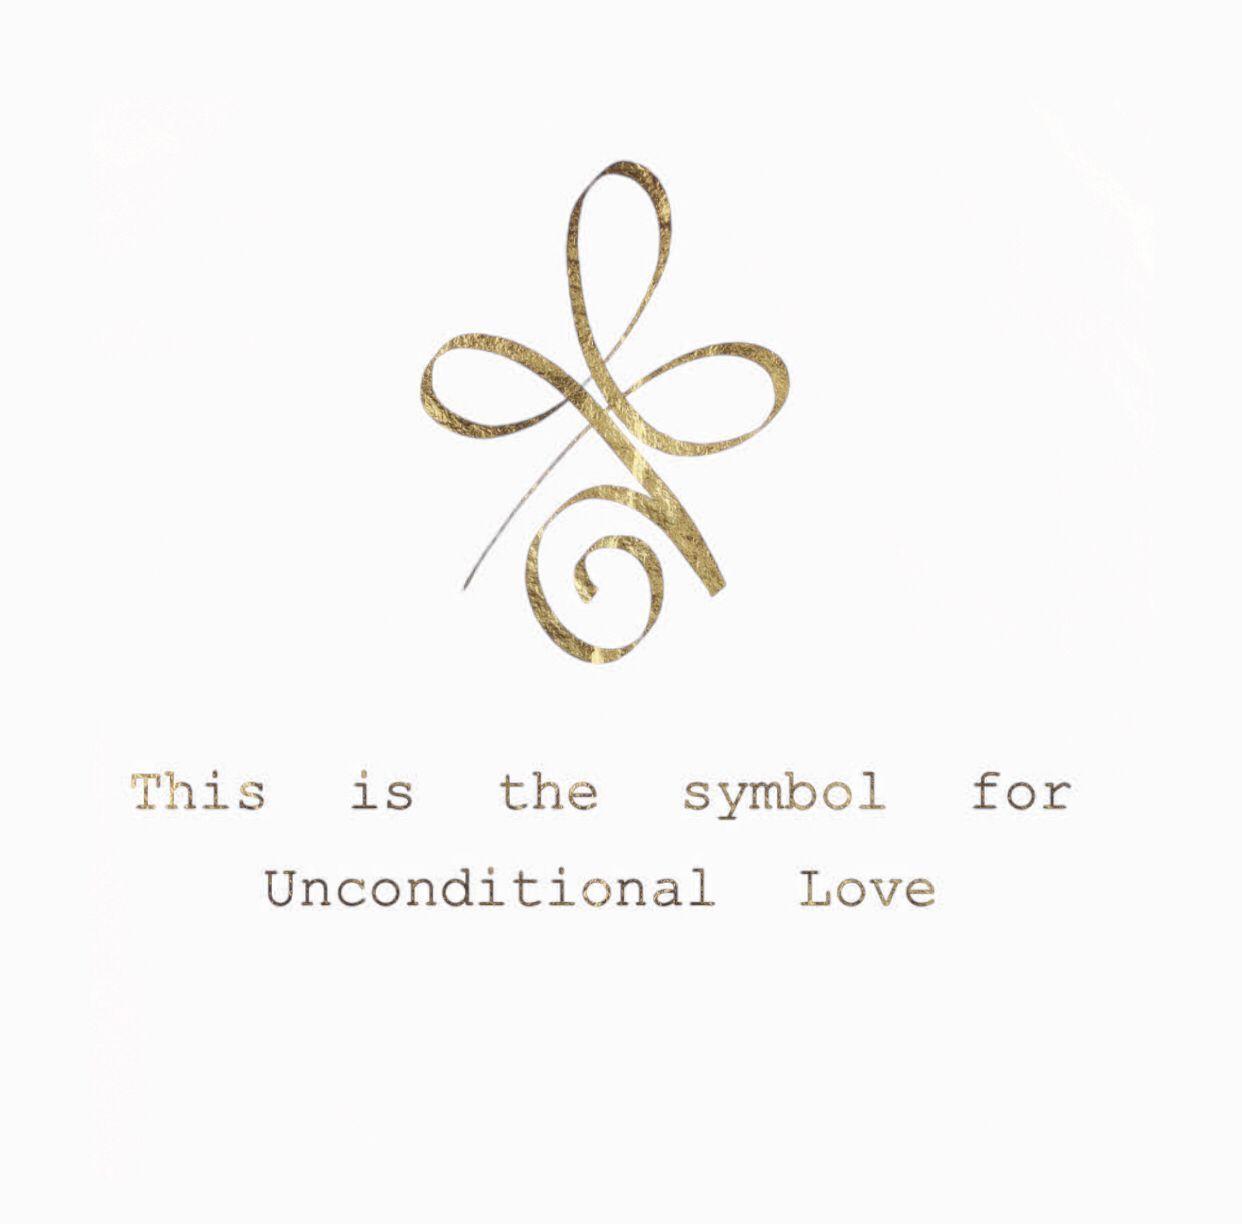 simbol este